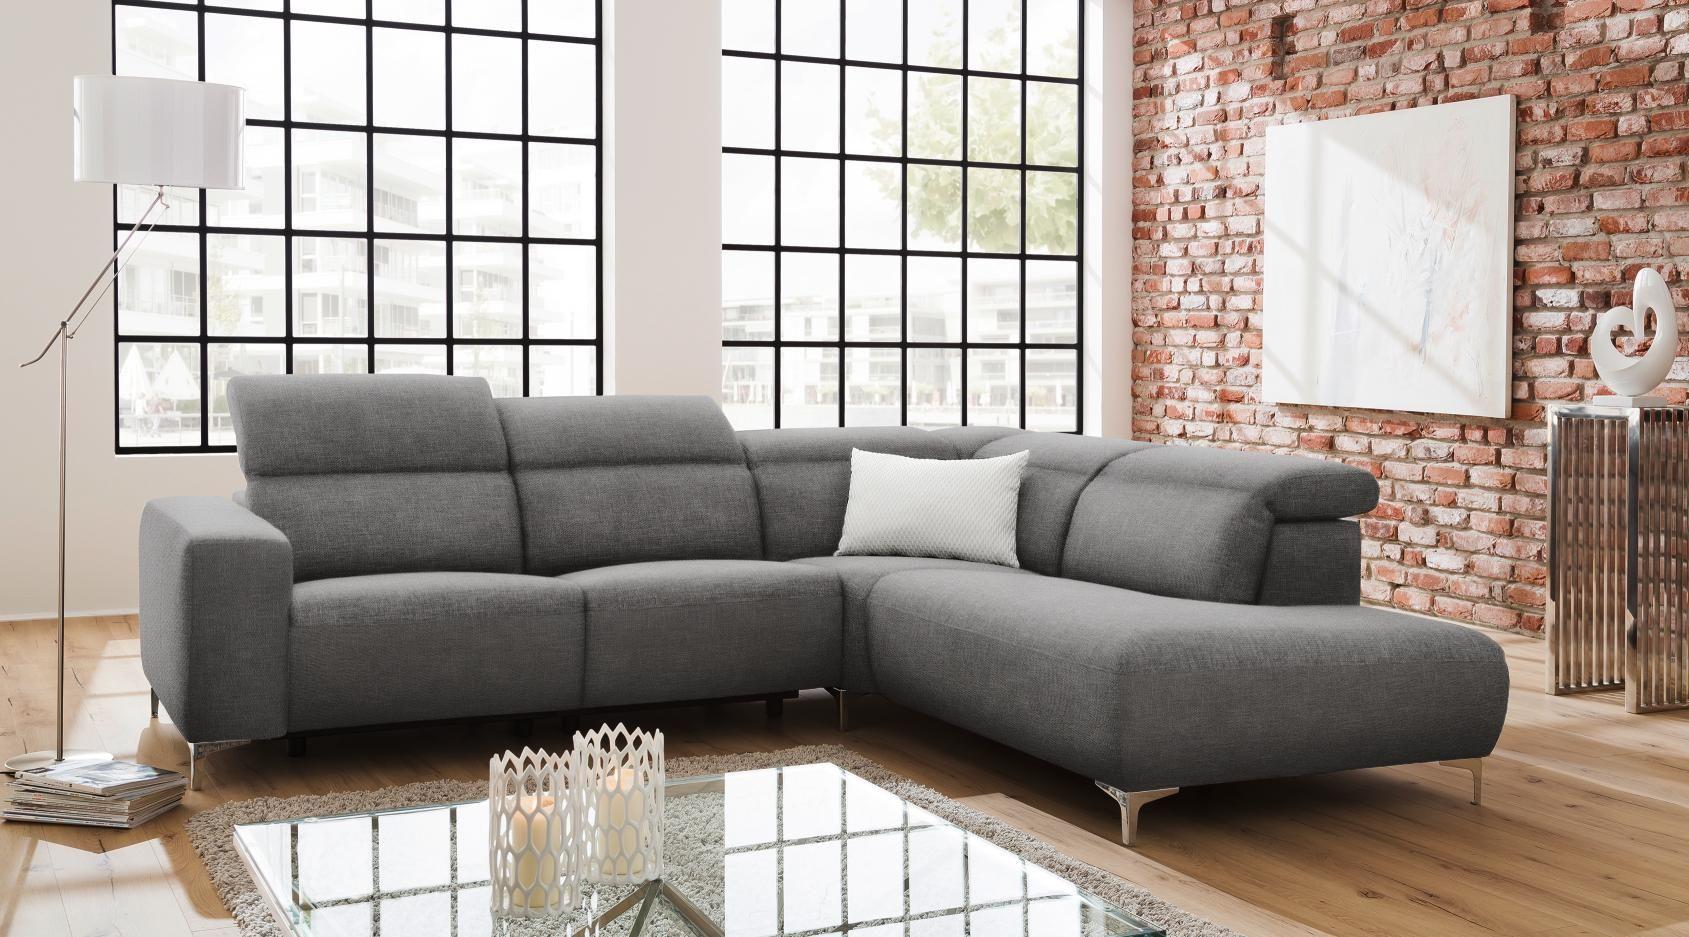 Wohnlandschaft In Textil Grau Sofa Couch Modern Interior Und Sofa